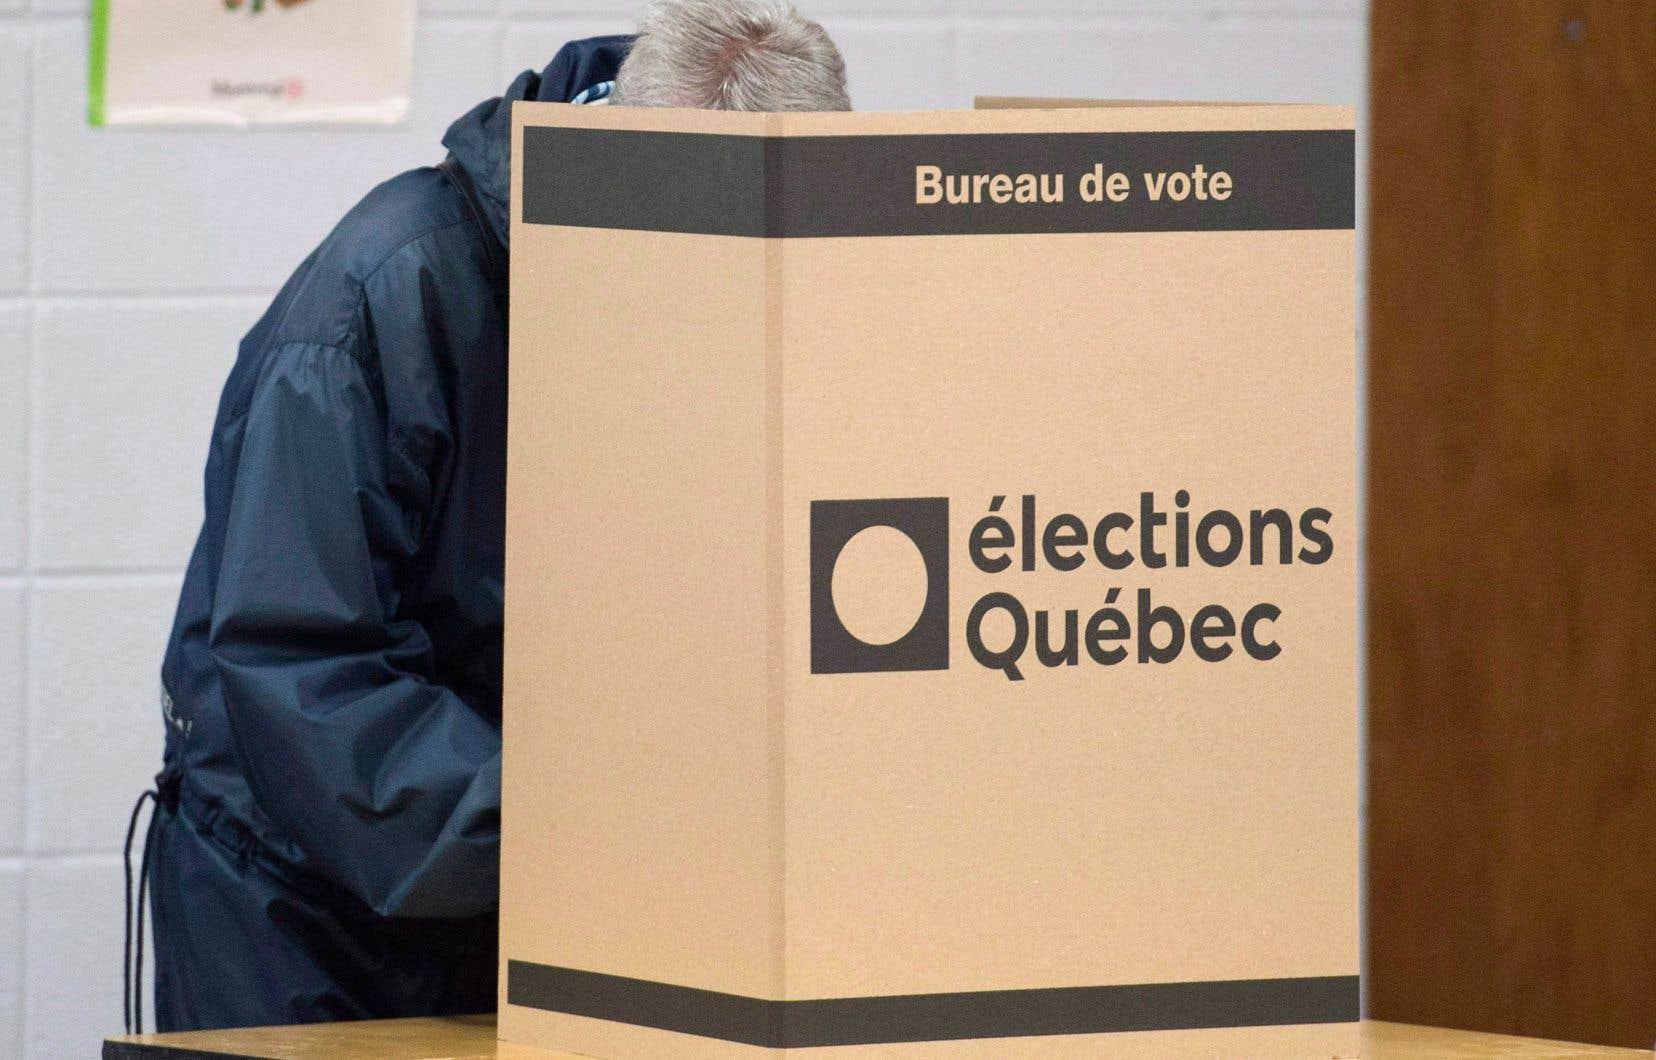 «Dans notre système électoral actuel, un libéral à Matane et un péquiste à Saint-Laurent sentent que leur vote ne sert à rien. De même pour ceux qui votent pour de plus petits partis», soulignent les auteurs.